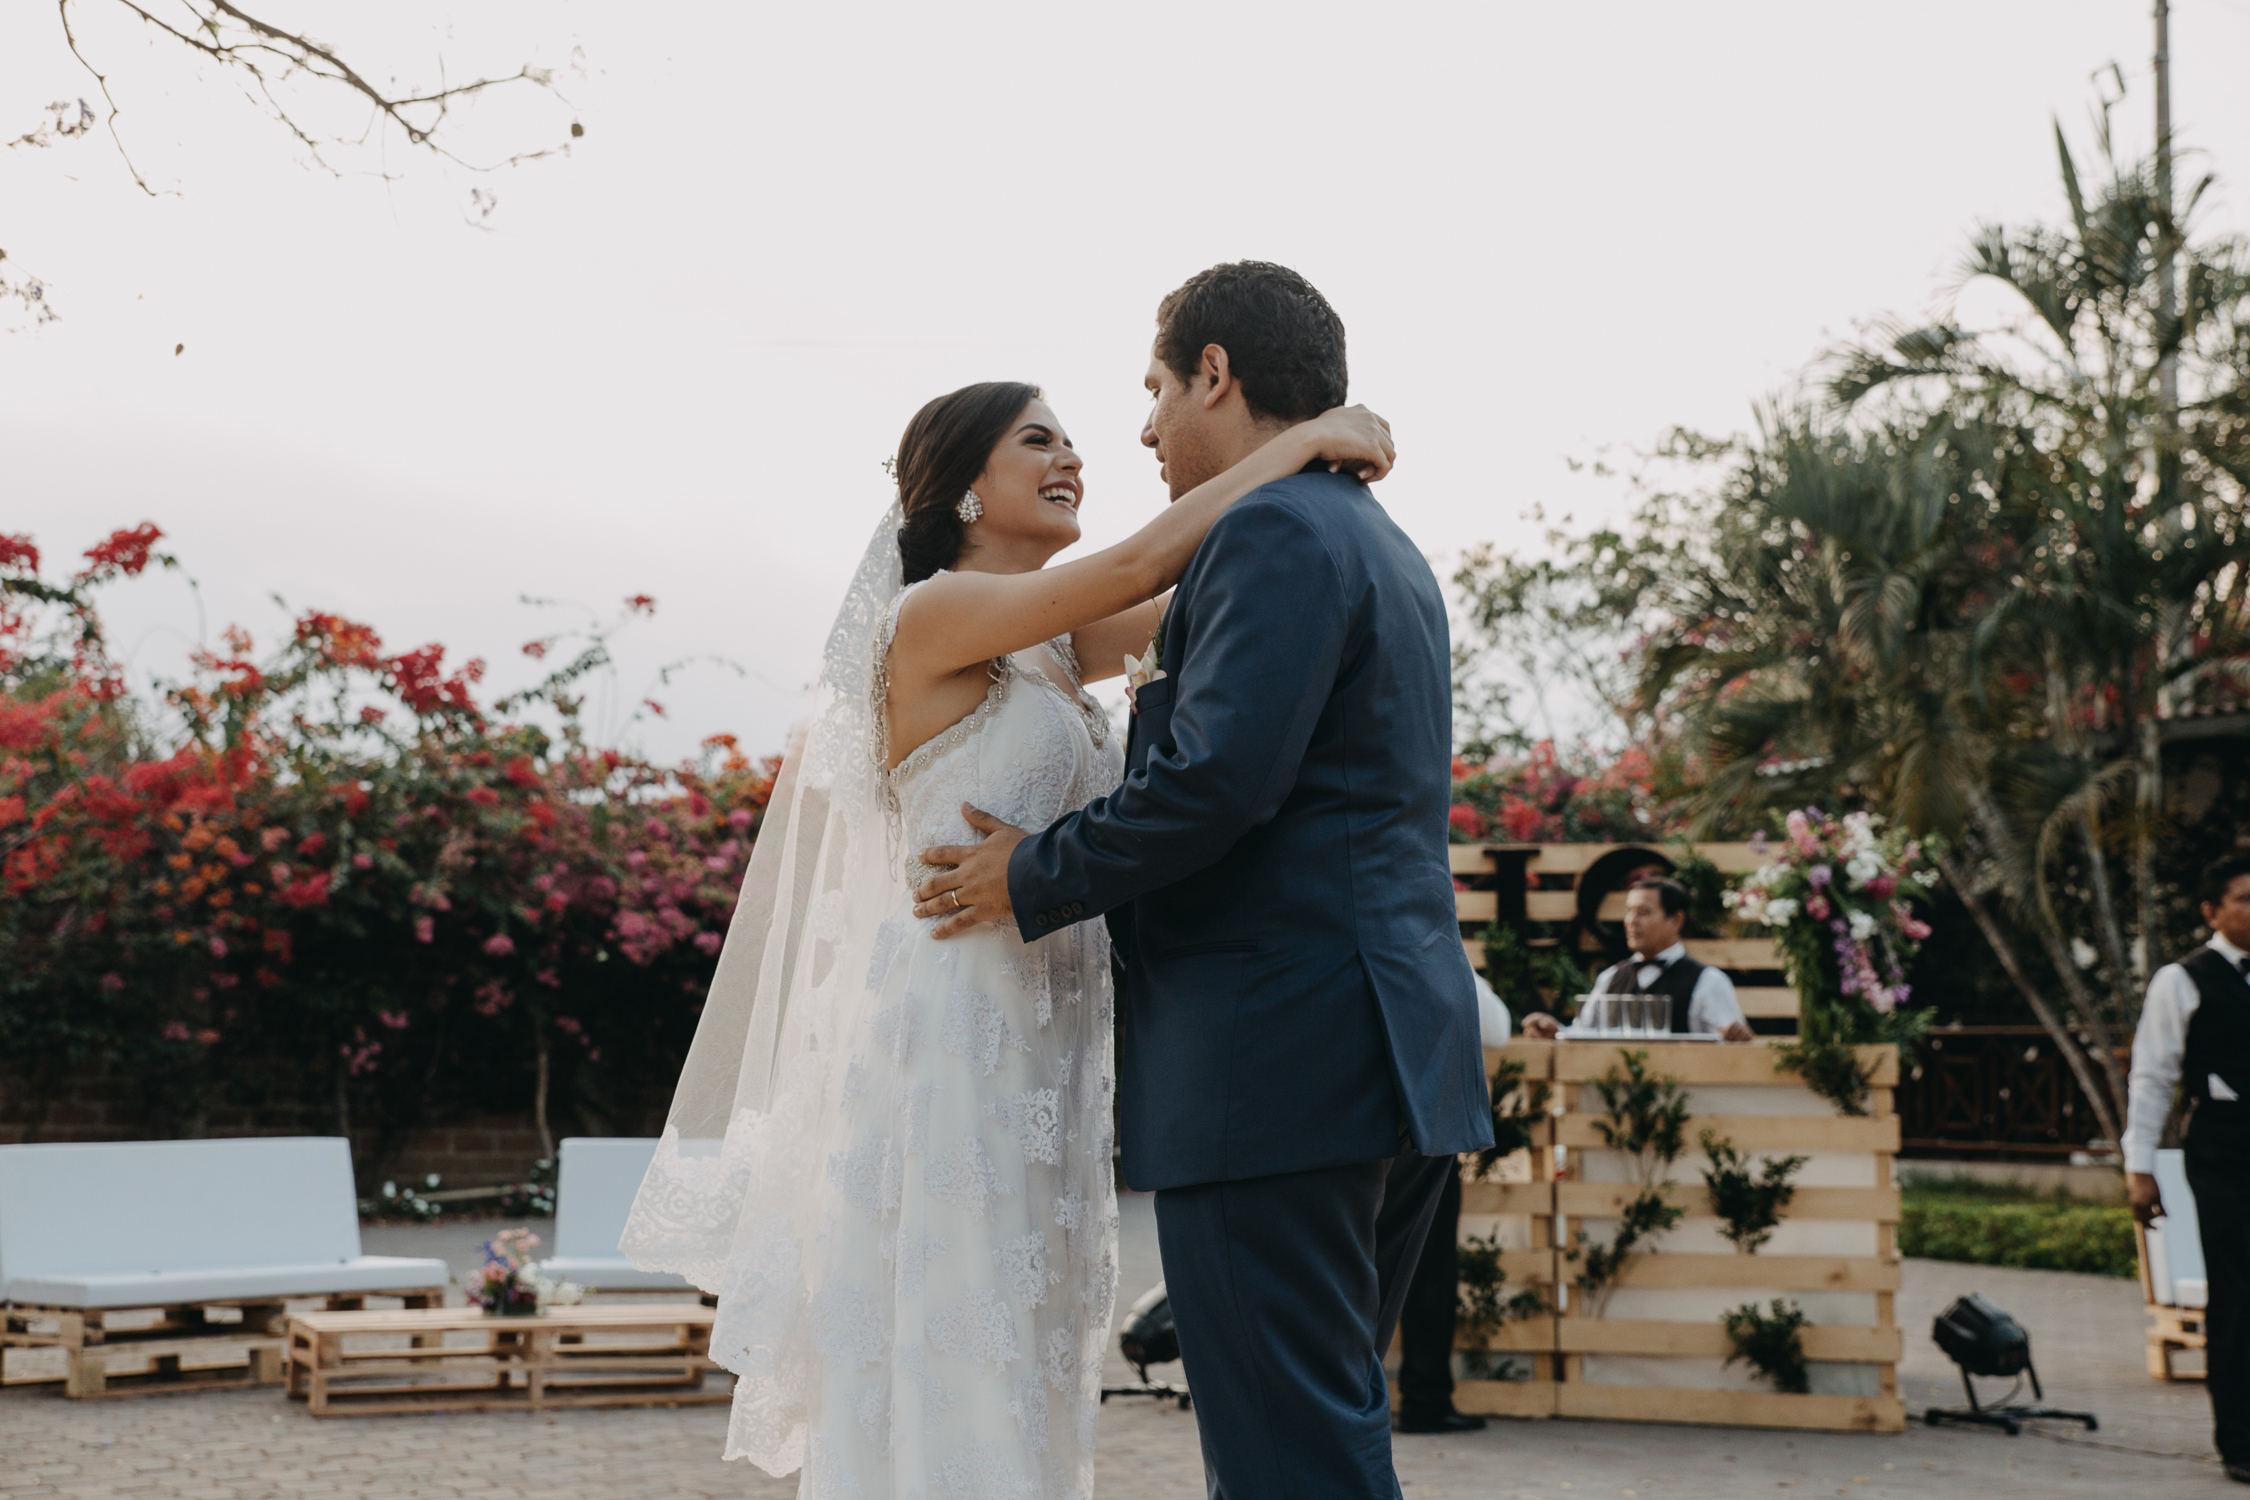 Michelle-Agurto-Fotografia-Bodas-Ecuador-Destination-Wedding-Photographer-Cristi-Luis-121.JPG